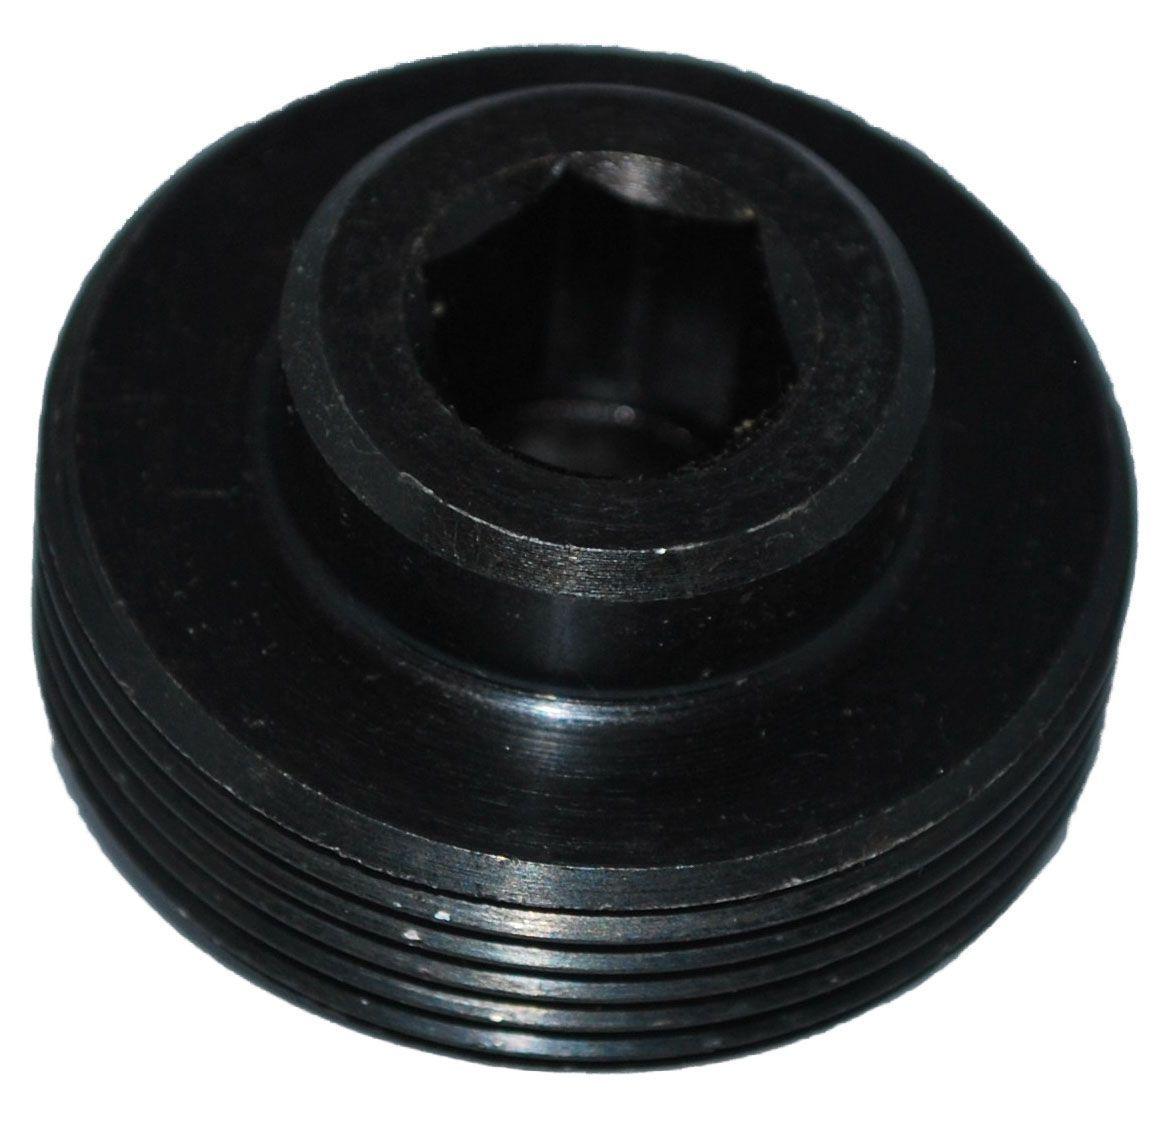 von arx 23 series locking screw